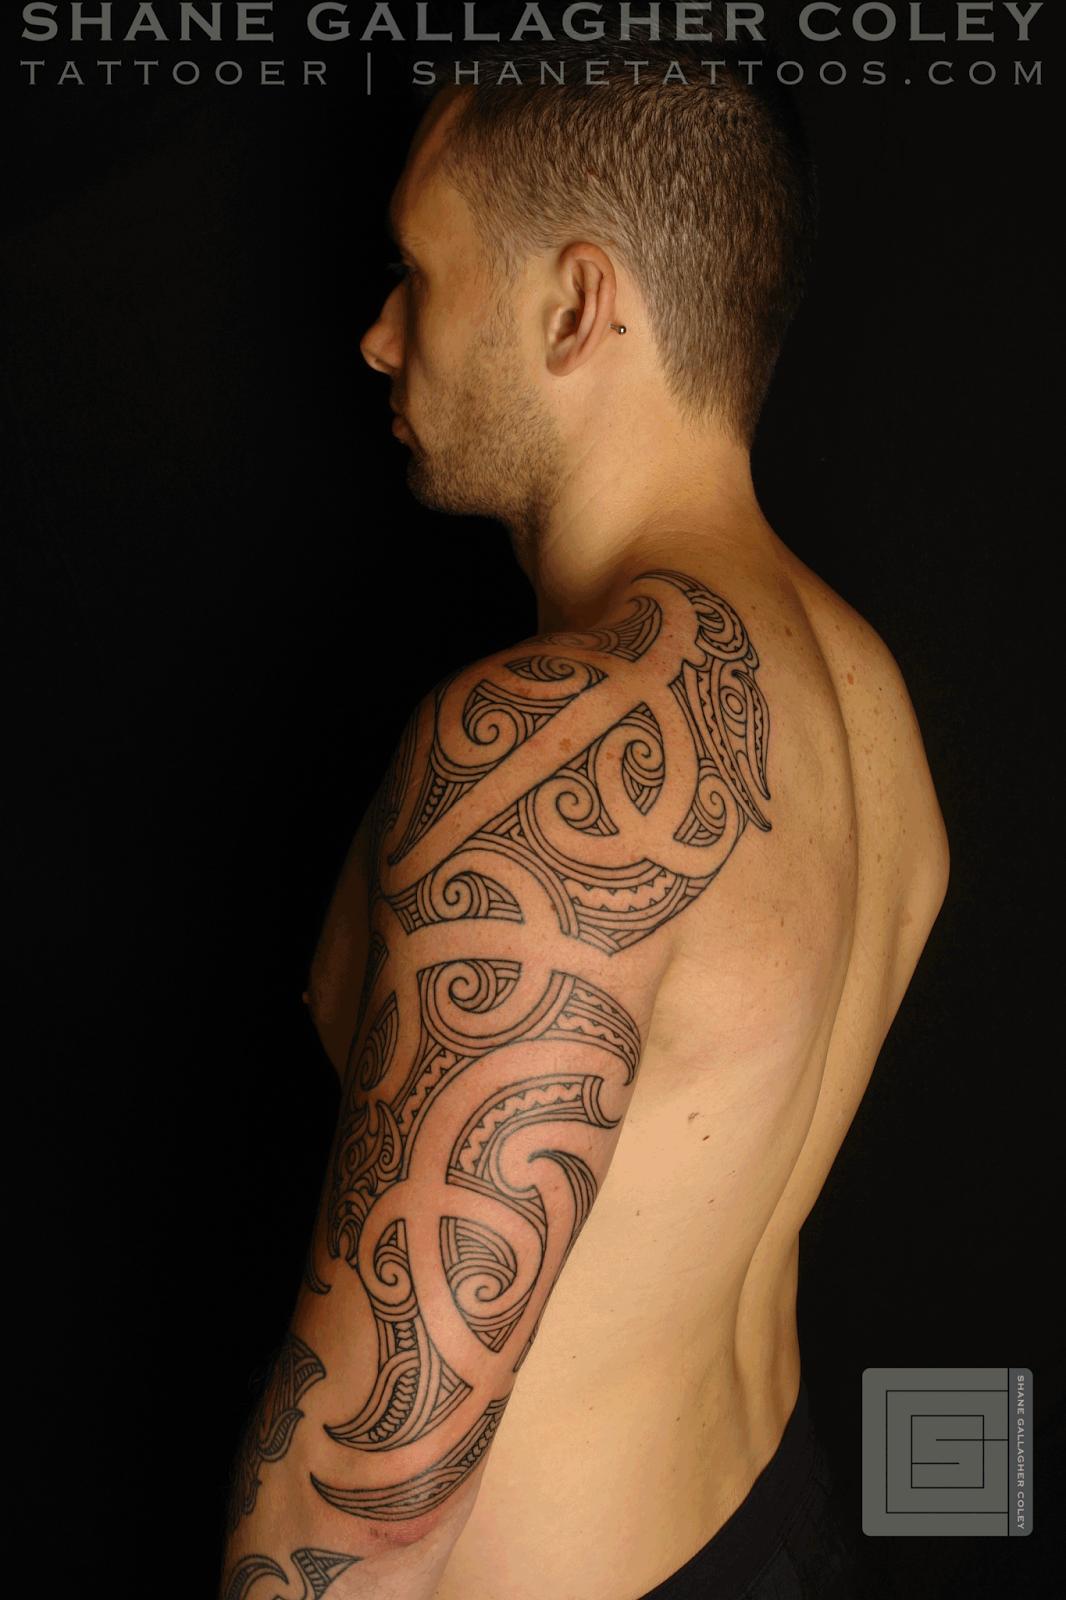 b1560bdcd SHANE TATTOOS: Maori Sleeve Chest Ta Moko/Tattoo | Projects to Try ...